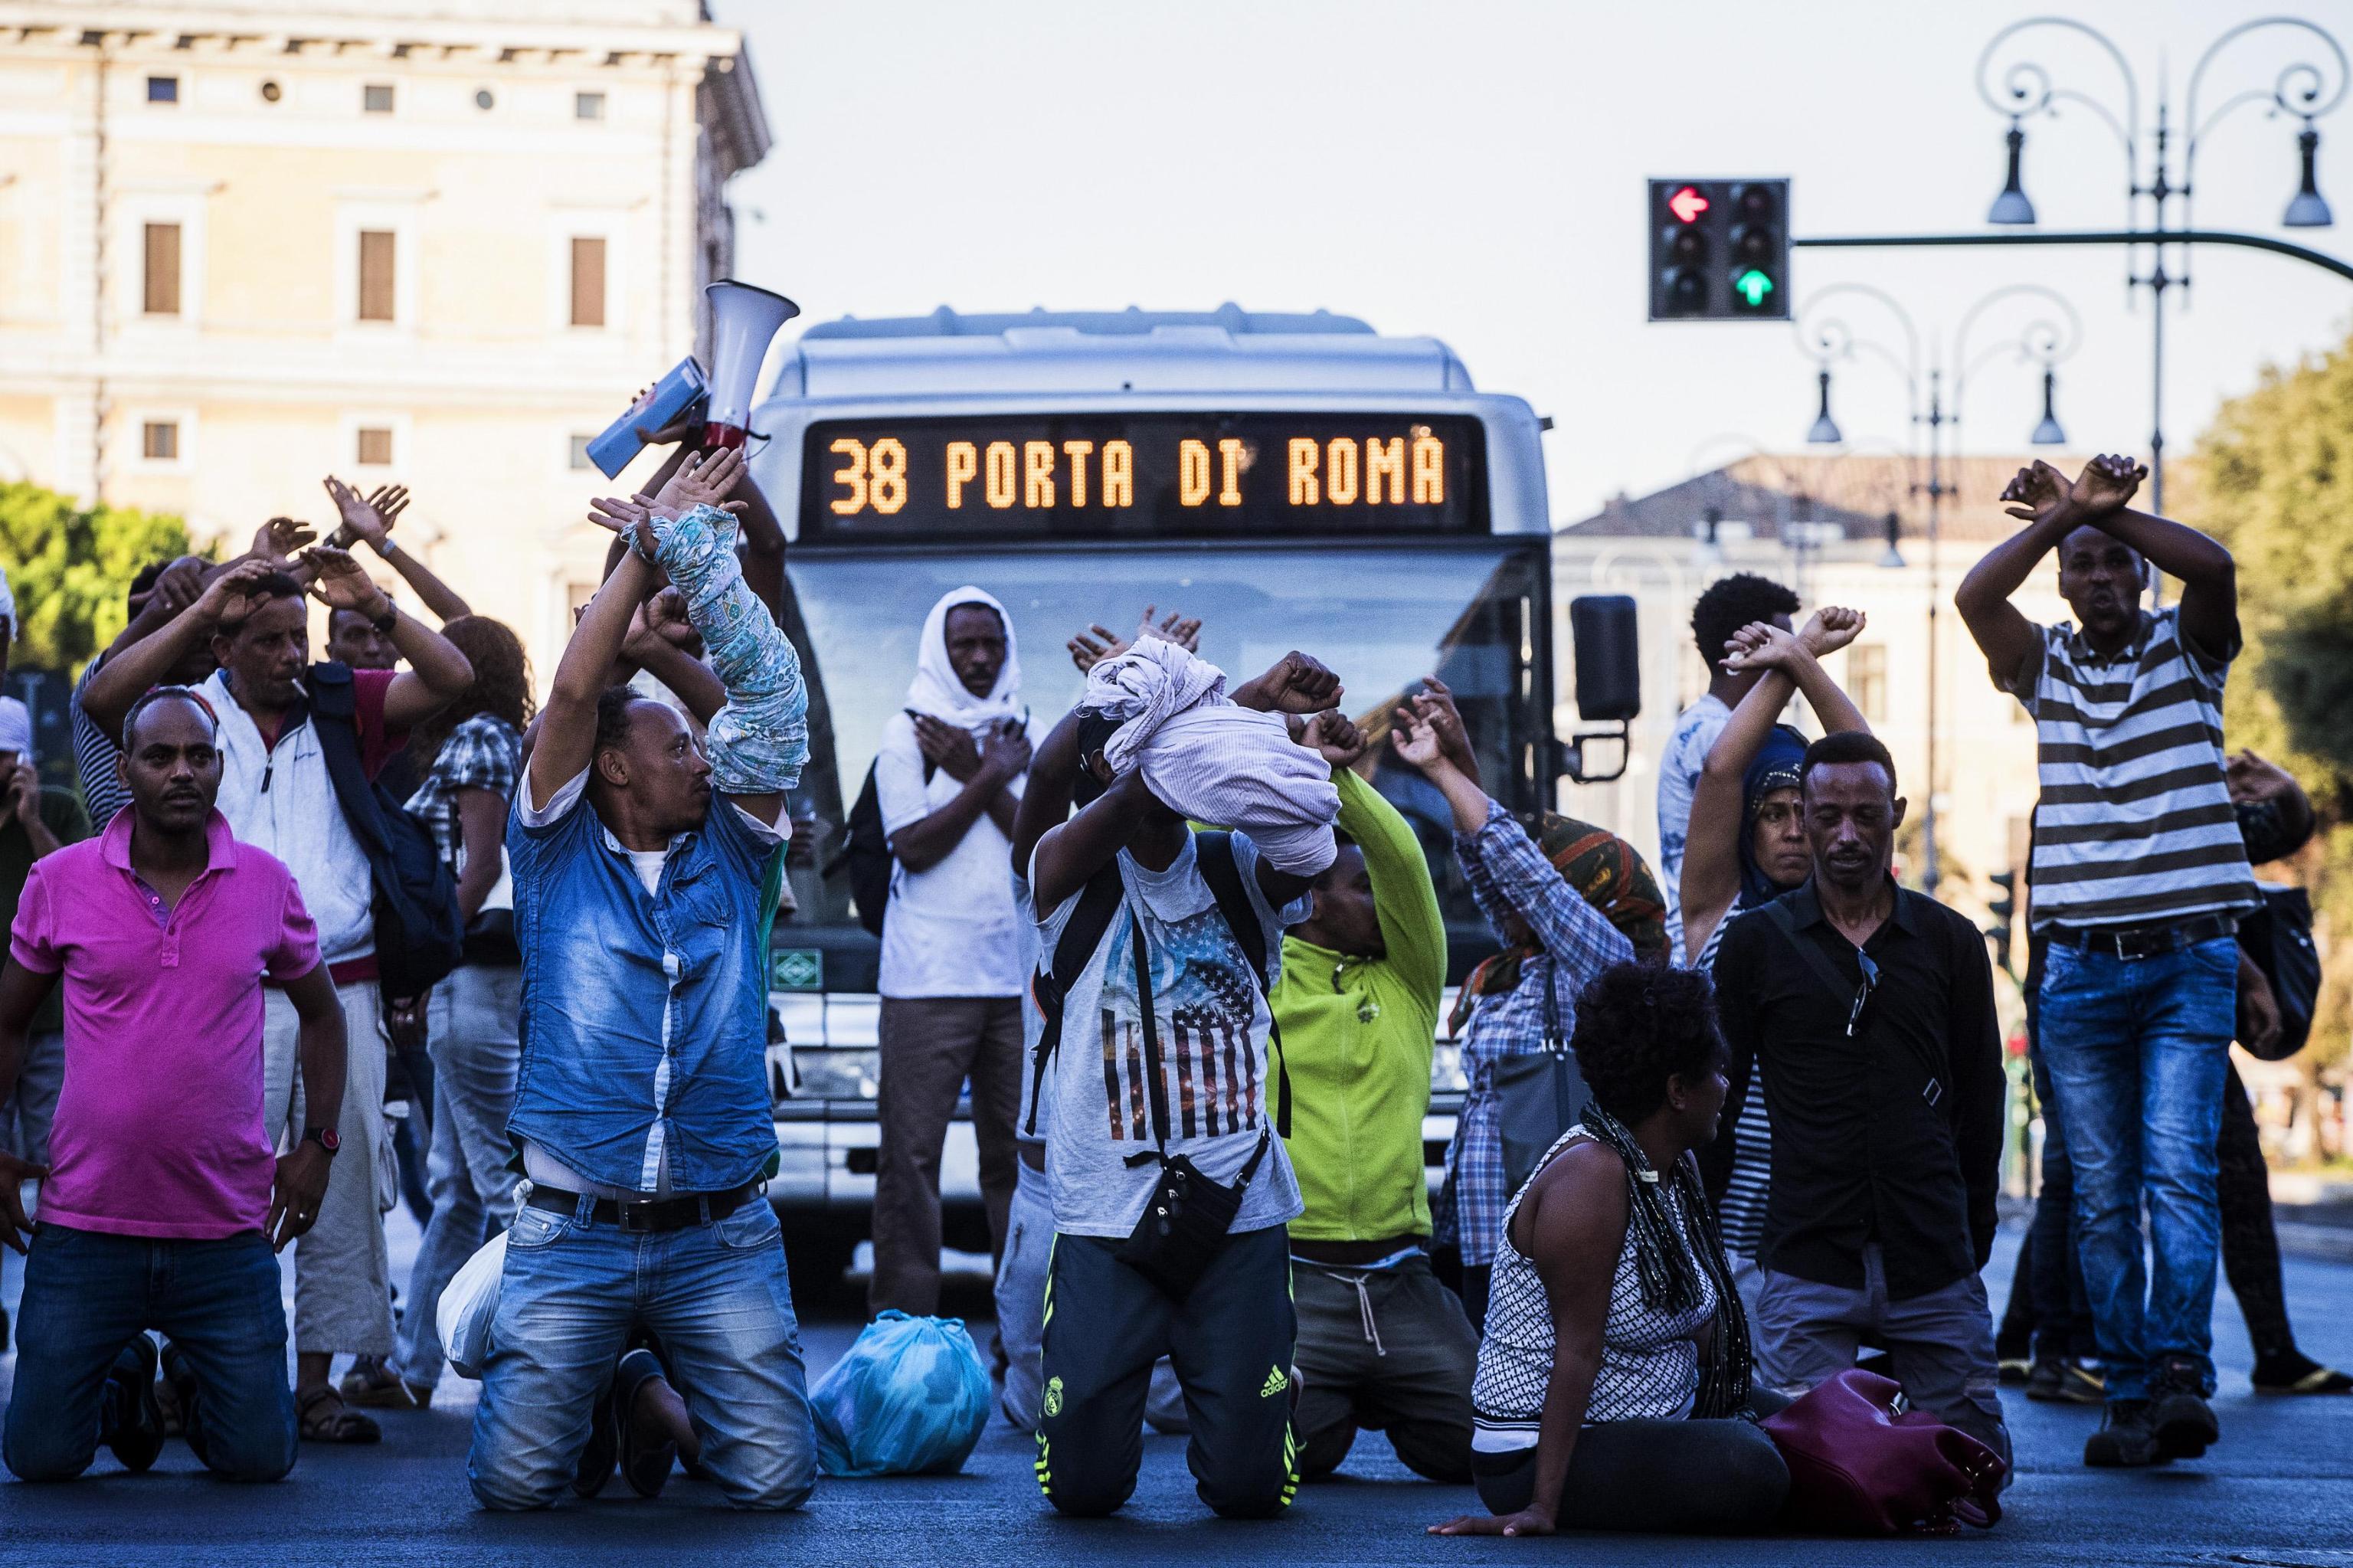 Migranti sgomberati con gli idranti, bombole di gas contro la polizia: scontri a Roma